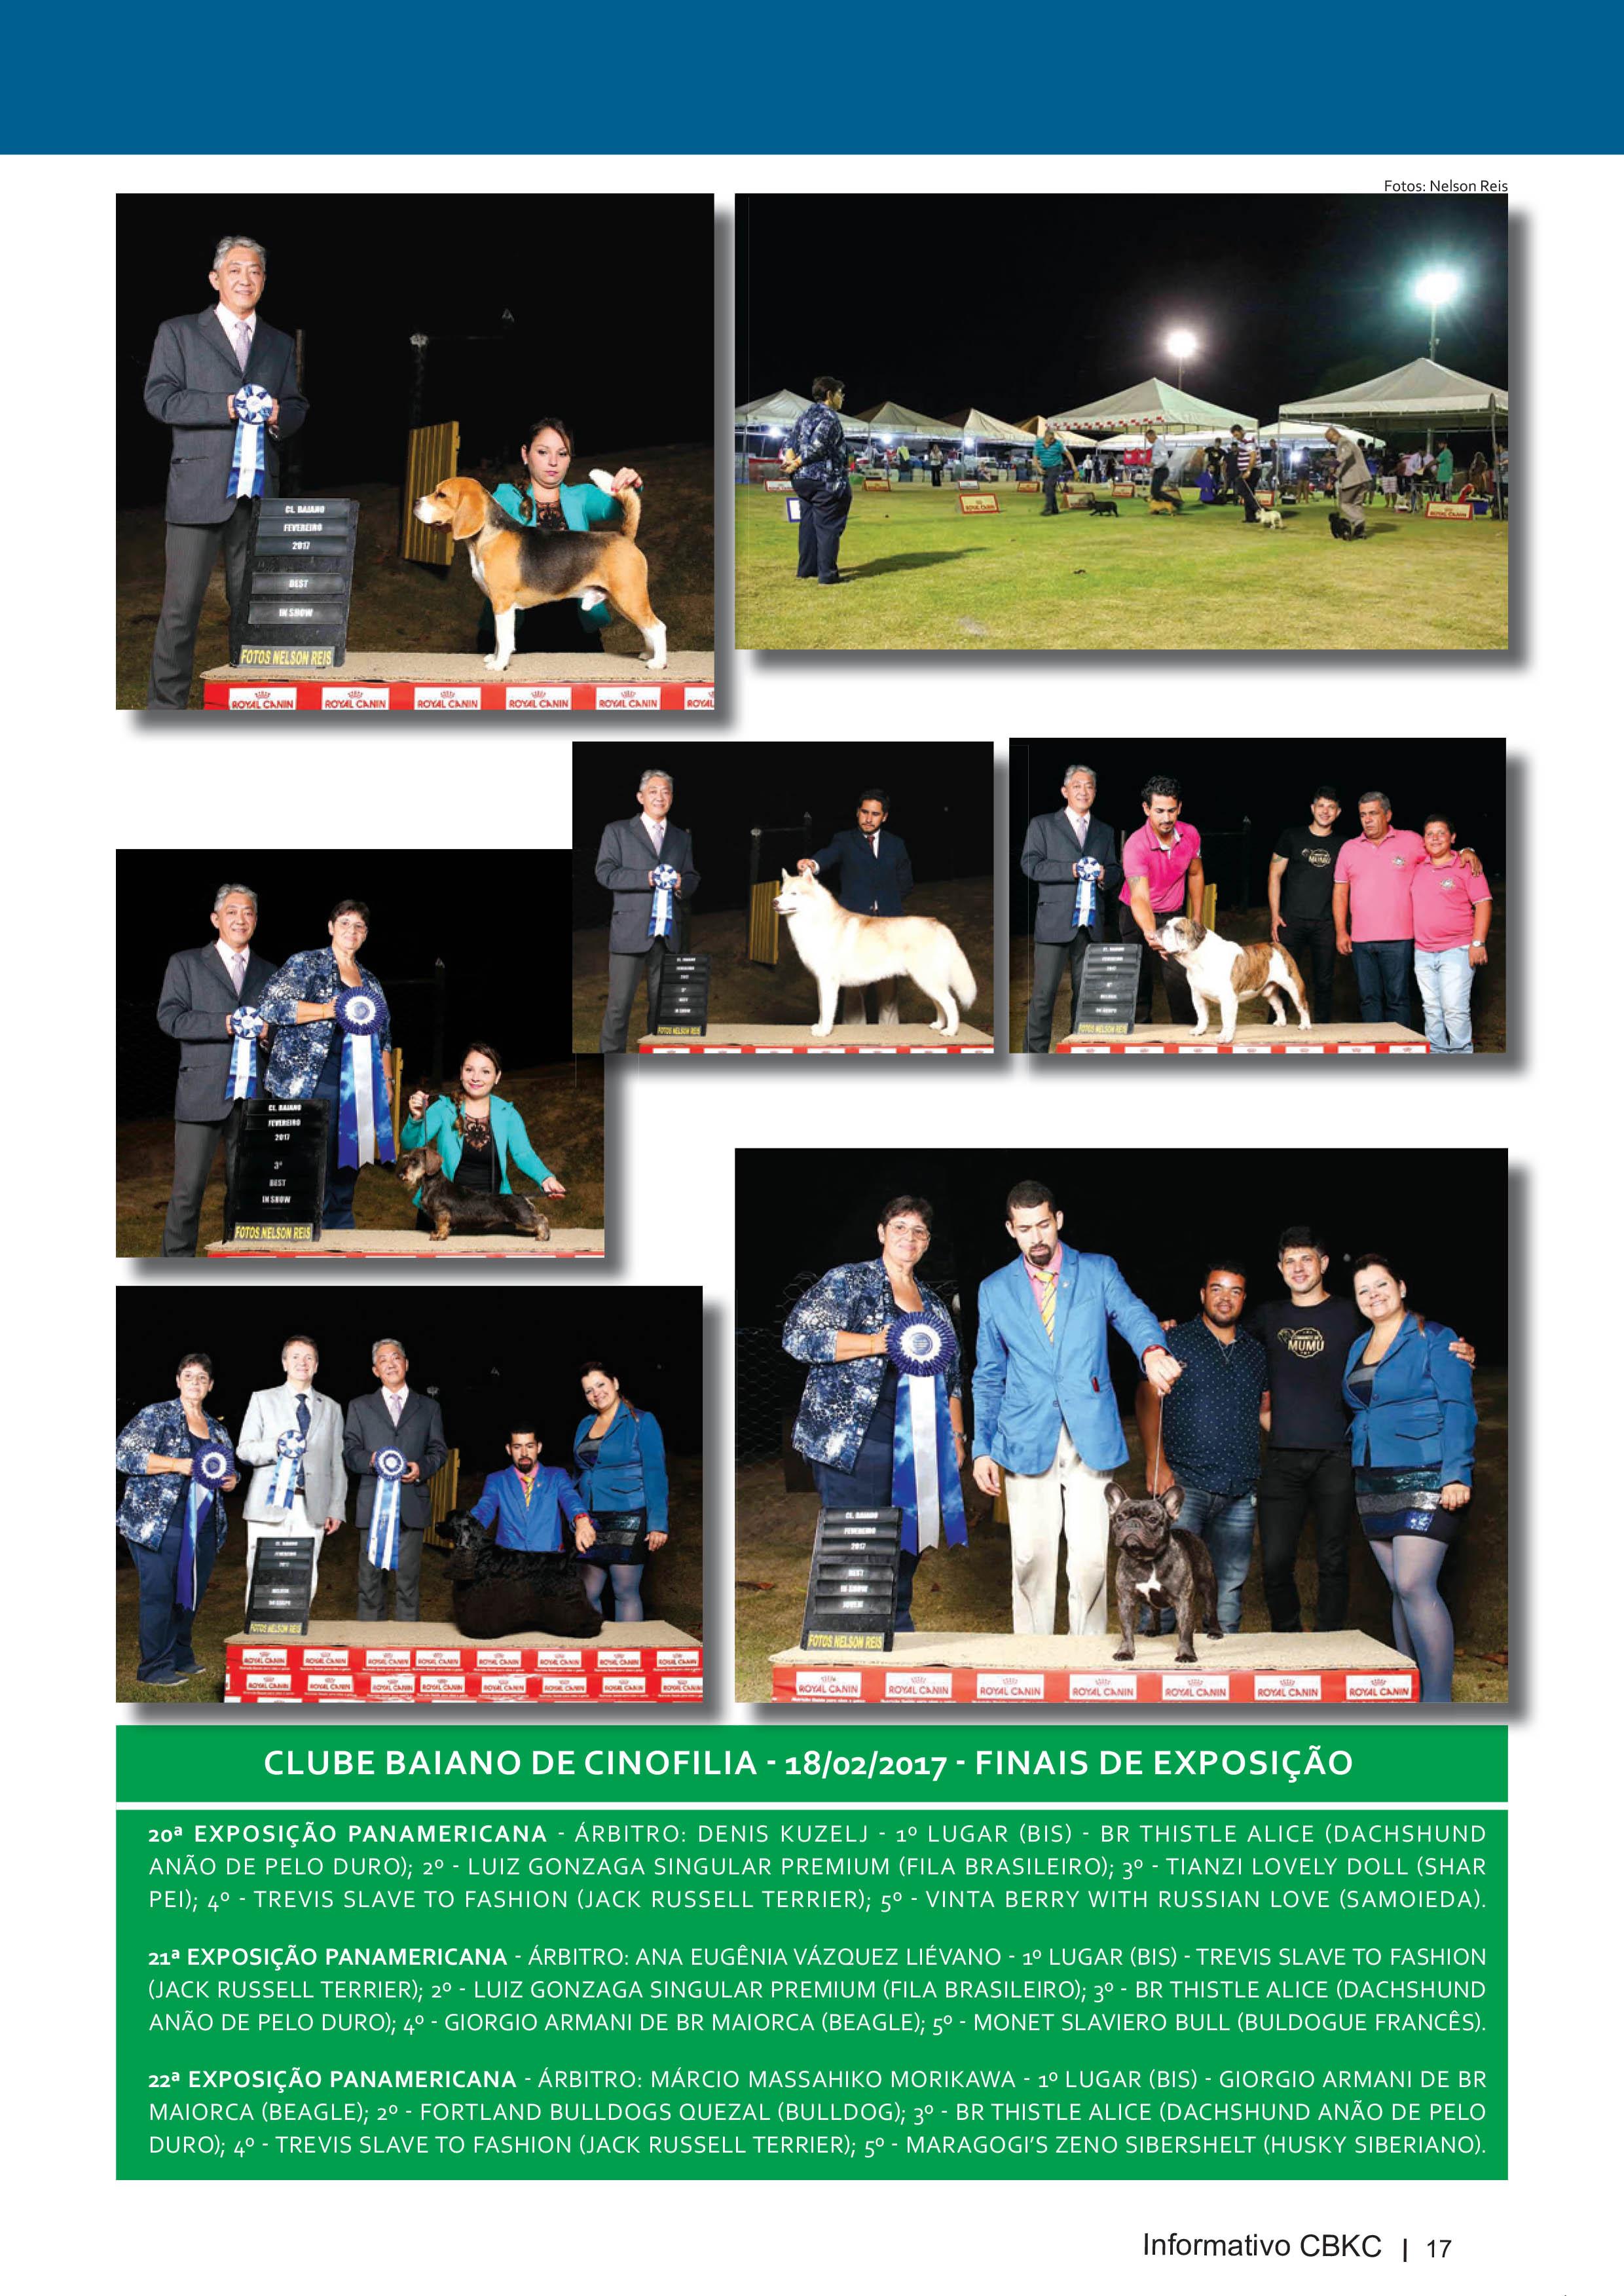 Pagina 17| Edição 54 do Informativo CBKC